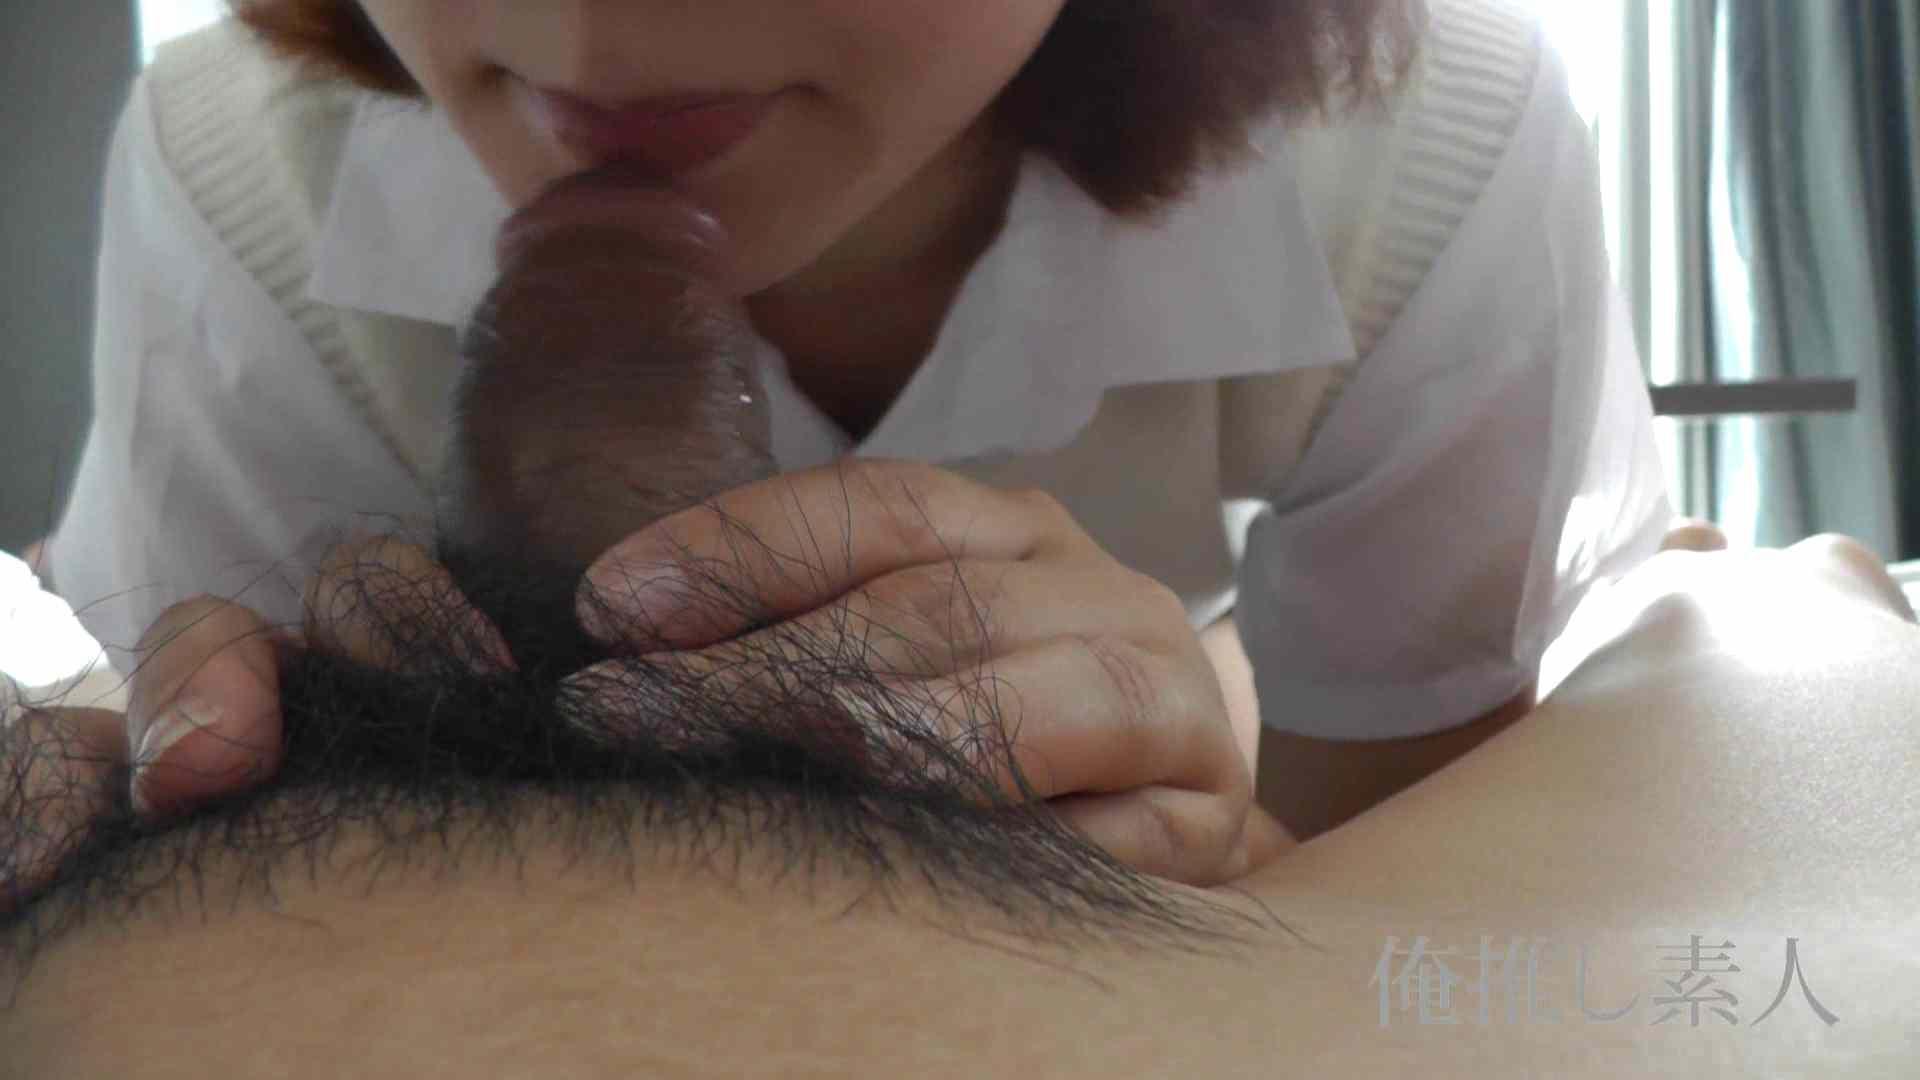 俺推し素人 キャバクラ嬢26歳久美vol6 コスプレガール おまんこ無修正動画無料 100pic 55